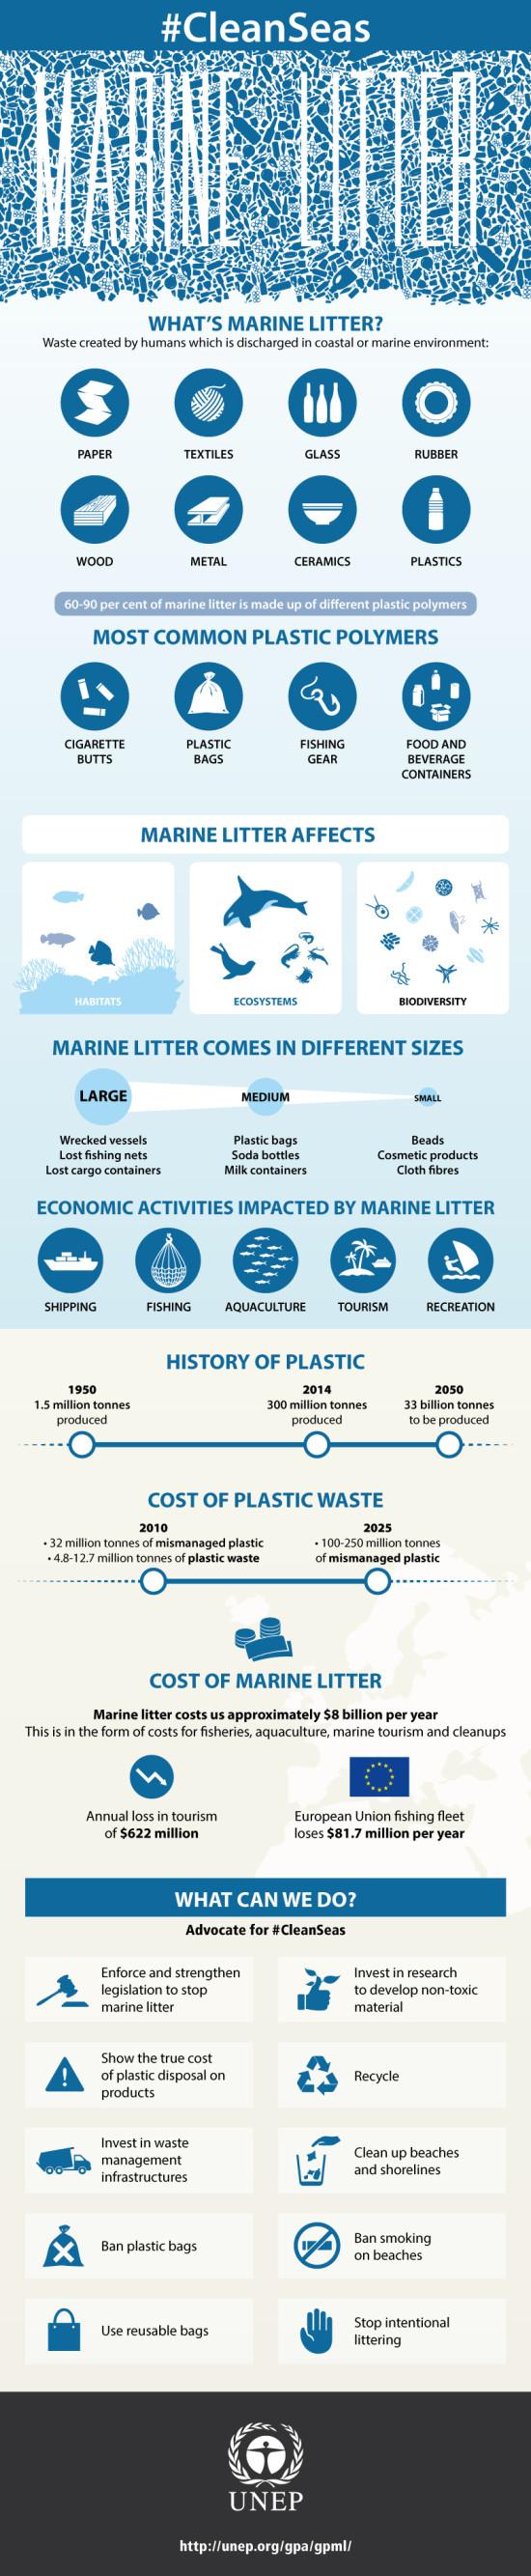 Infographic-MarineLitter-en